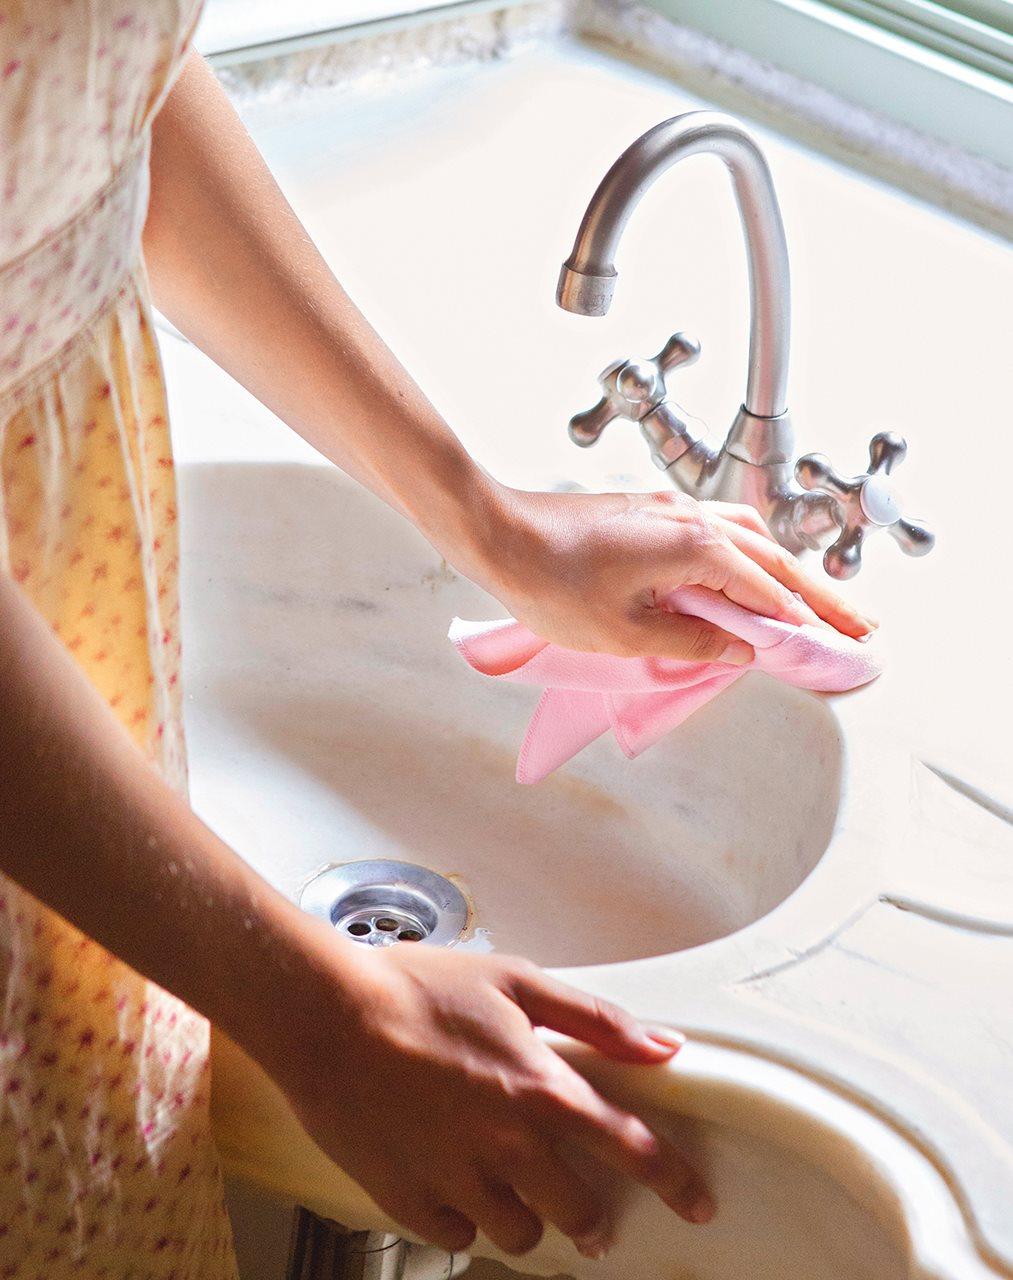 Detalle de mujer fregando lavamanos. Vinagre por las tuberías.